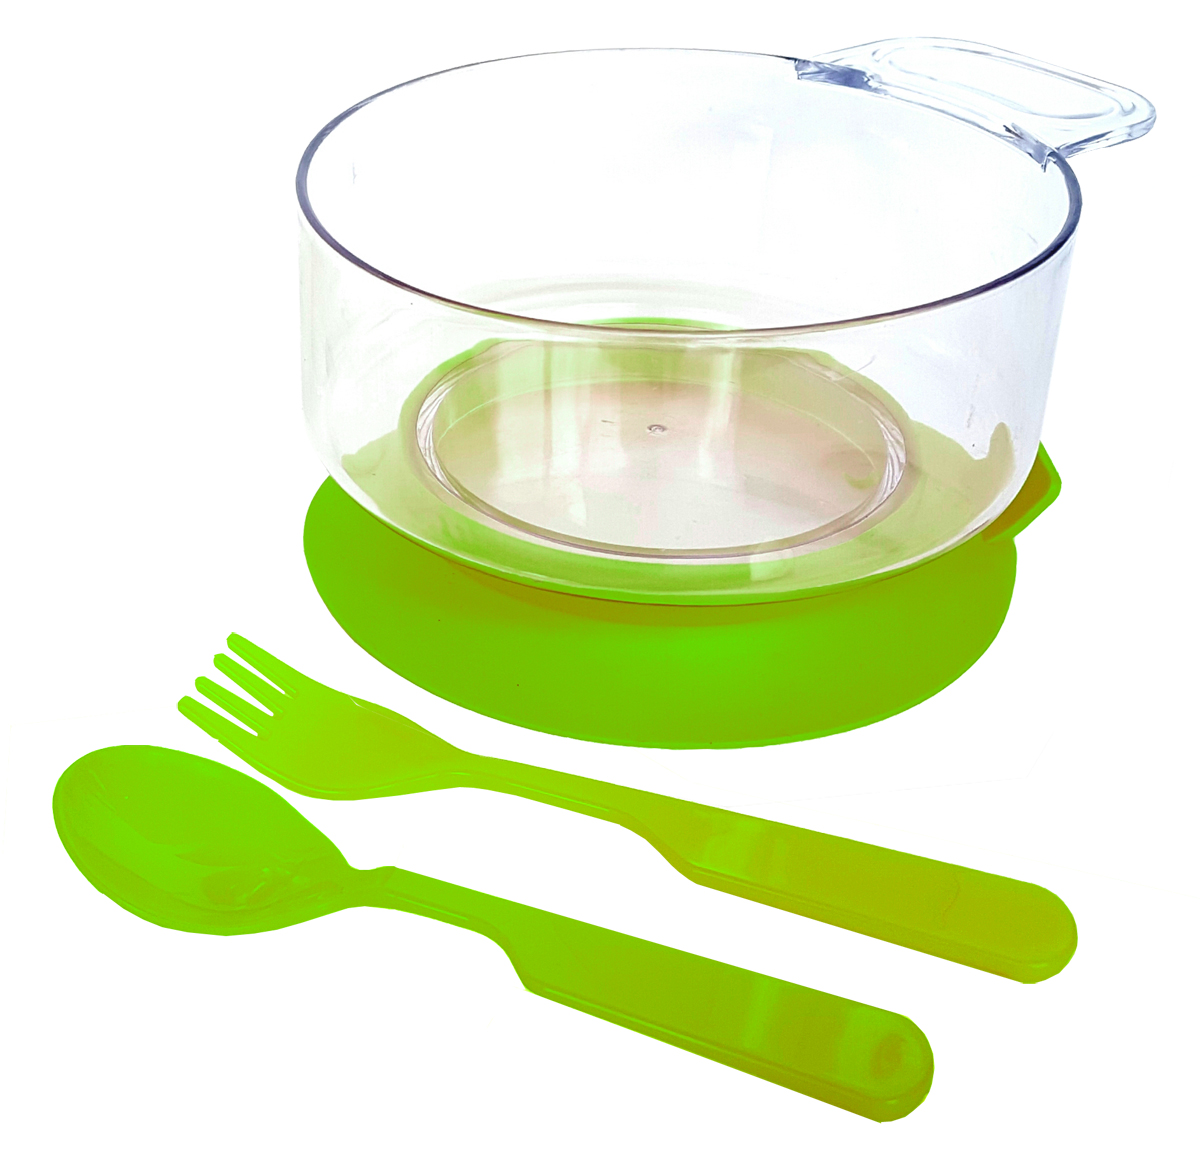 Набор детской посуды цвет салатовый 3 предмета 121346116Набор посуды из 3-х предметов, идеальный для начала самостоятельного питания малыша. Произведено в России из безопасного пищевого пластика. Форма изготовлена по лучшим европейским технологиям. Эргономичные и безопасные ложка-вилка. Глубокая тарелка с ручкой на съемной присоске предотвращает скольжение по столу и переворачивание. Яркие цвета и удобная форма обеспечивают удовольствие от кормления. Можно мыть в посудомоечной машине и ставить в СВЧ (снять присоску с тарелки!).